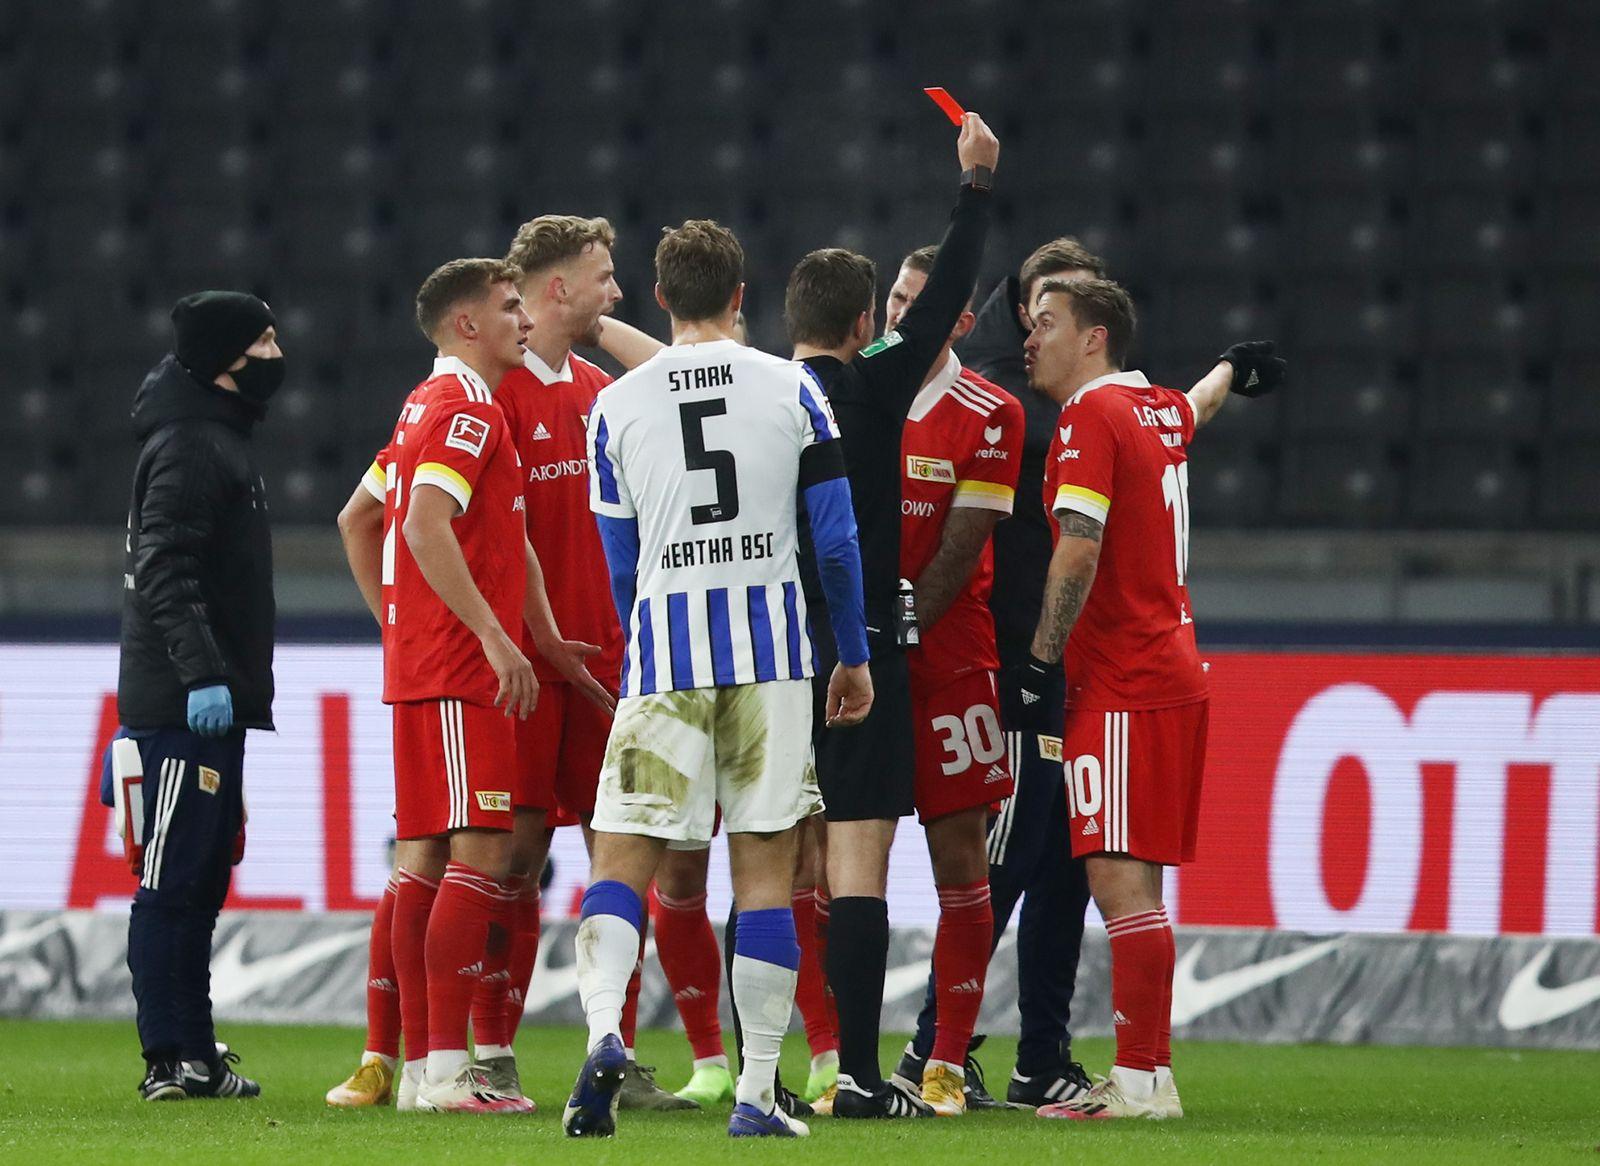 Hertha BSC v 1. FC Union Berlin - Bundesliga